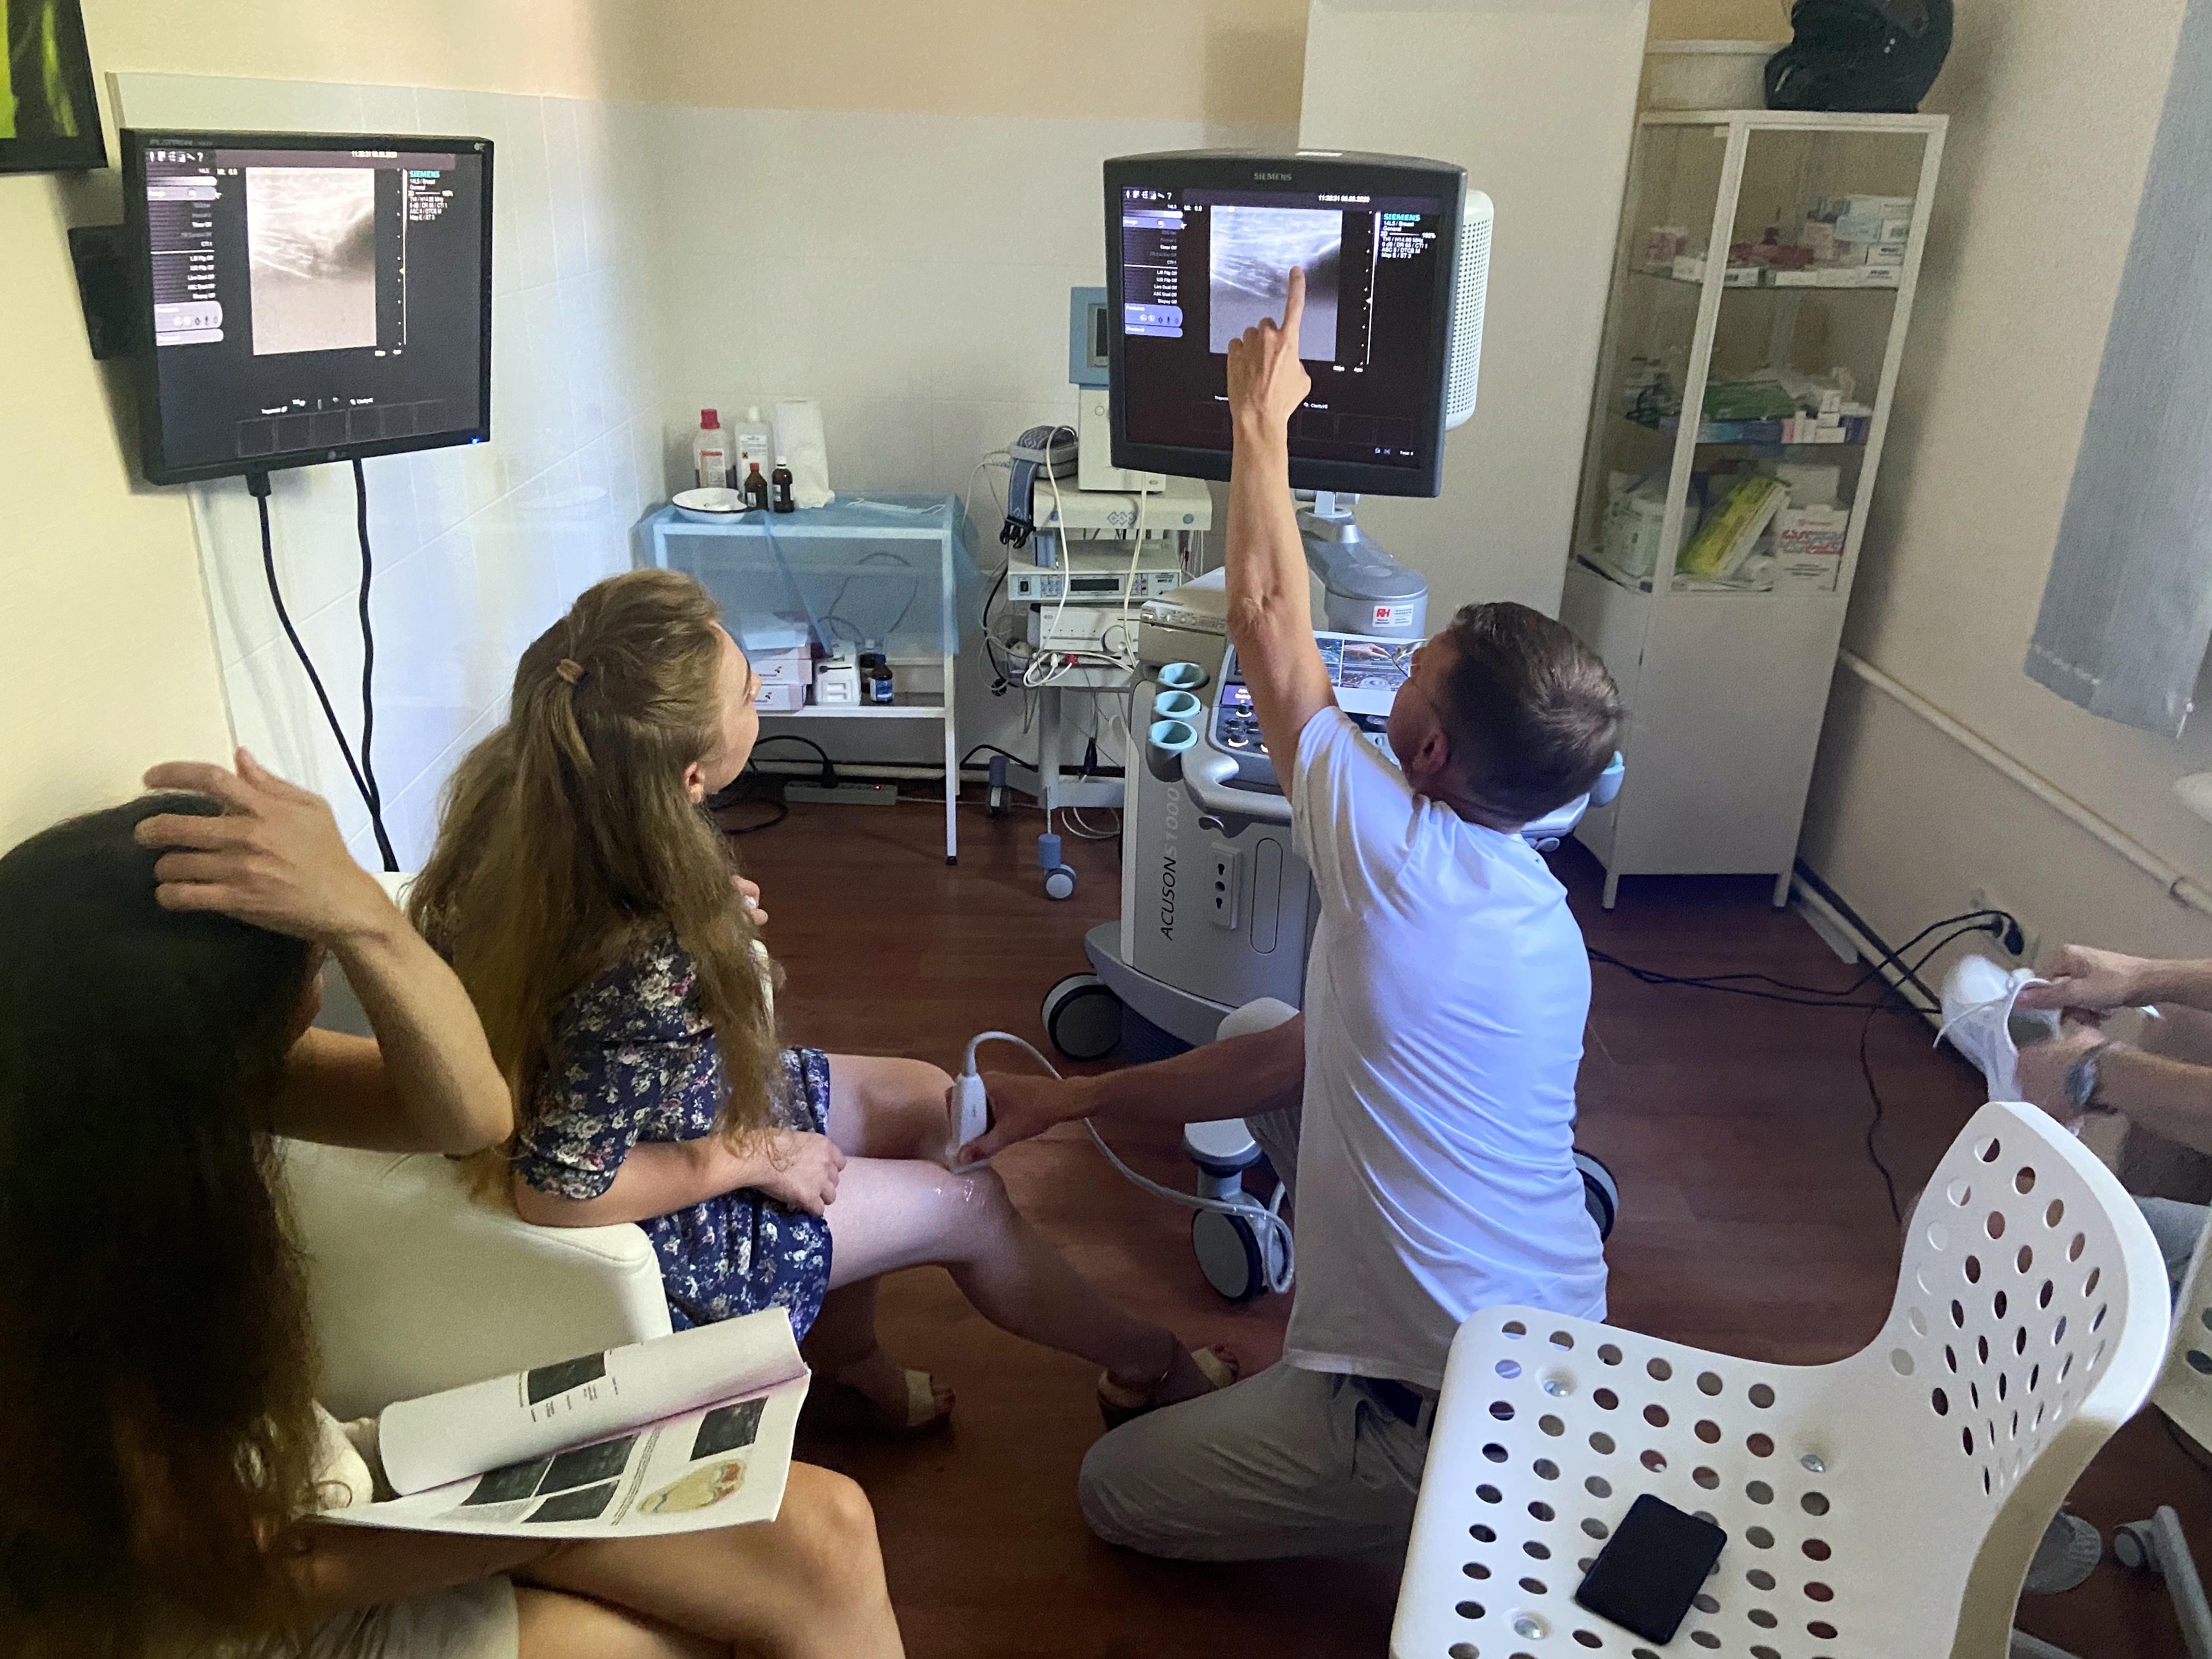 УЗИ в травматологии. индивидуальное обучение